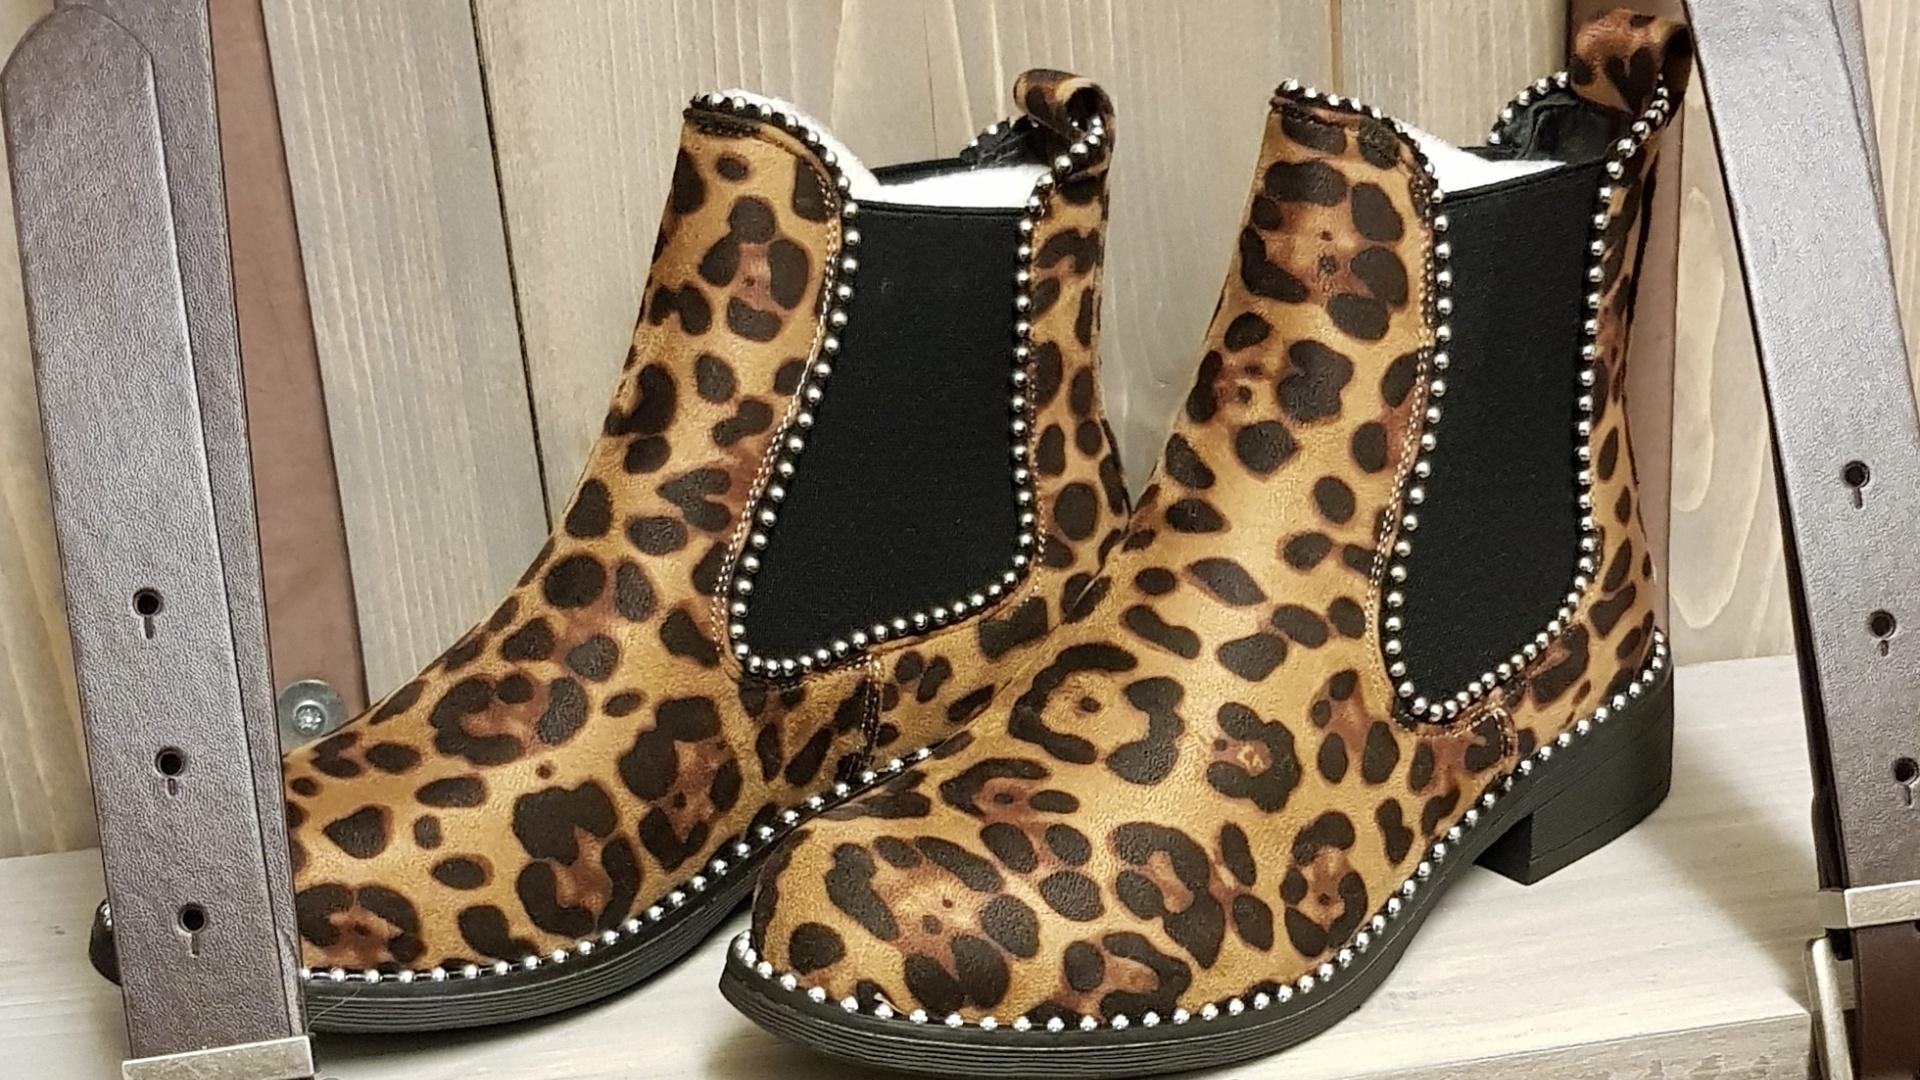 Kitty's Fashion